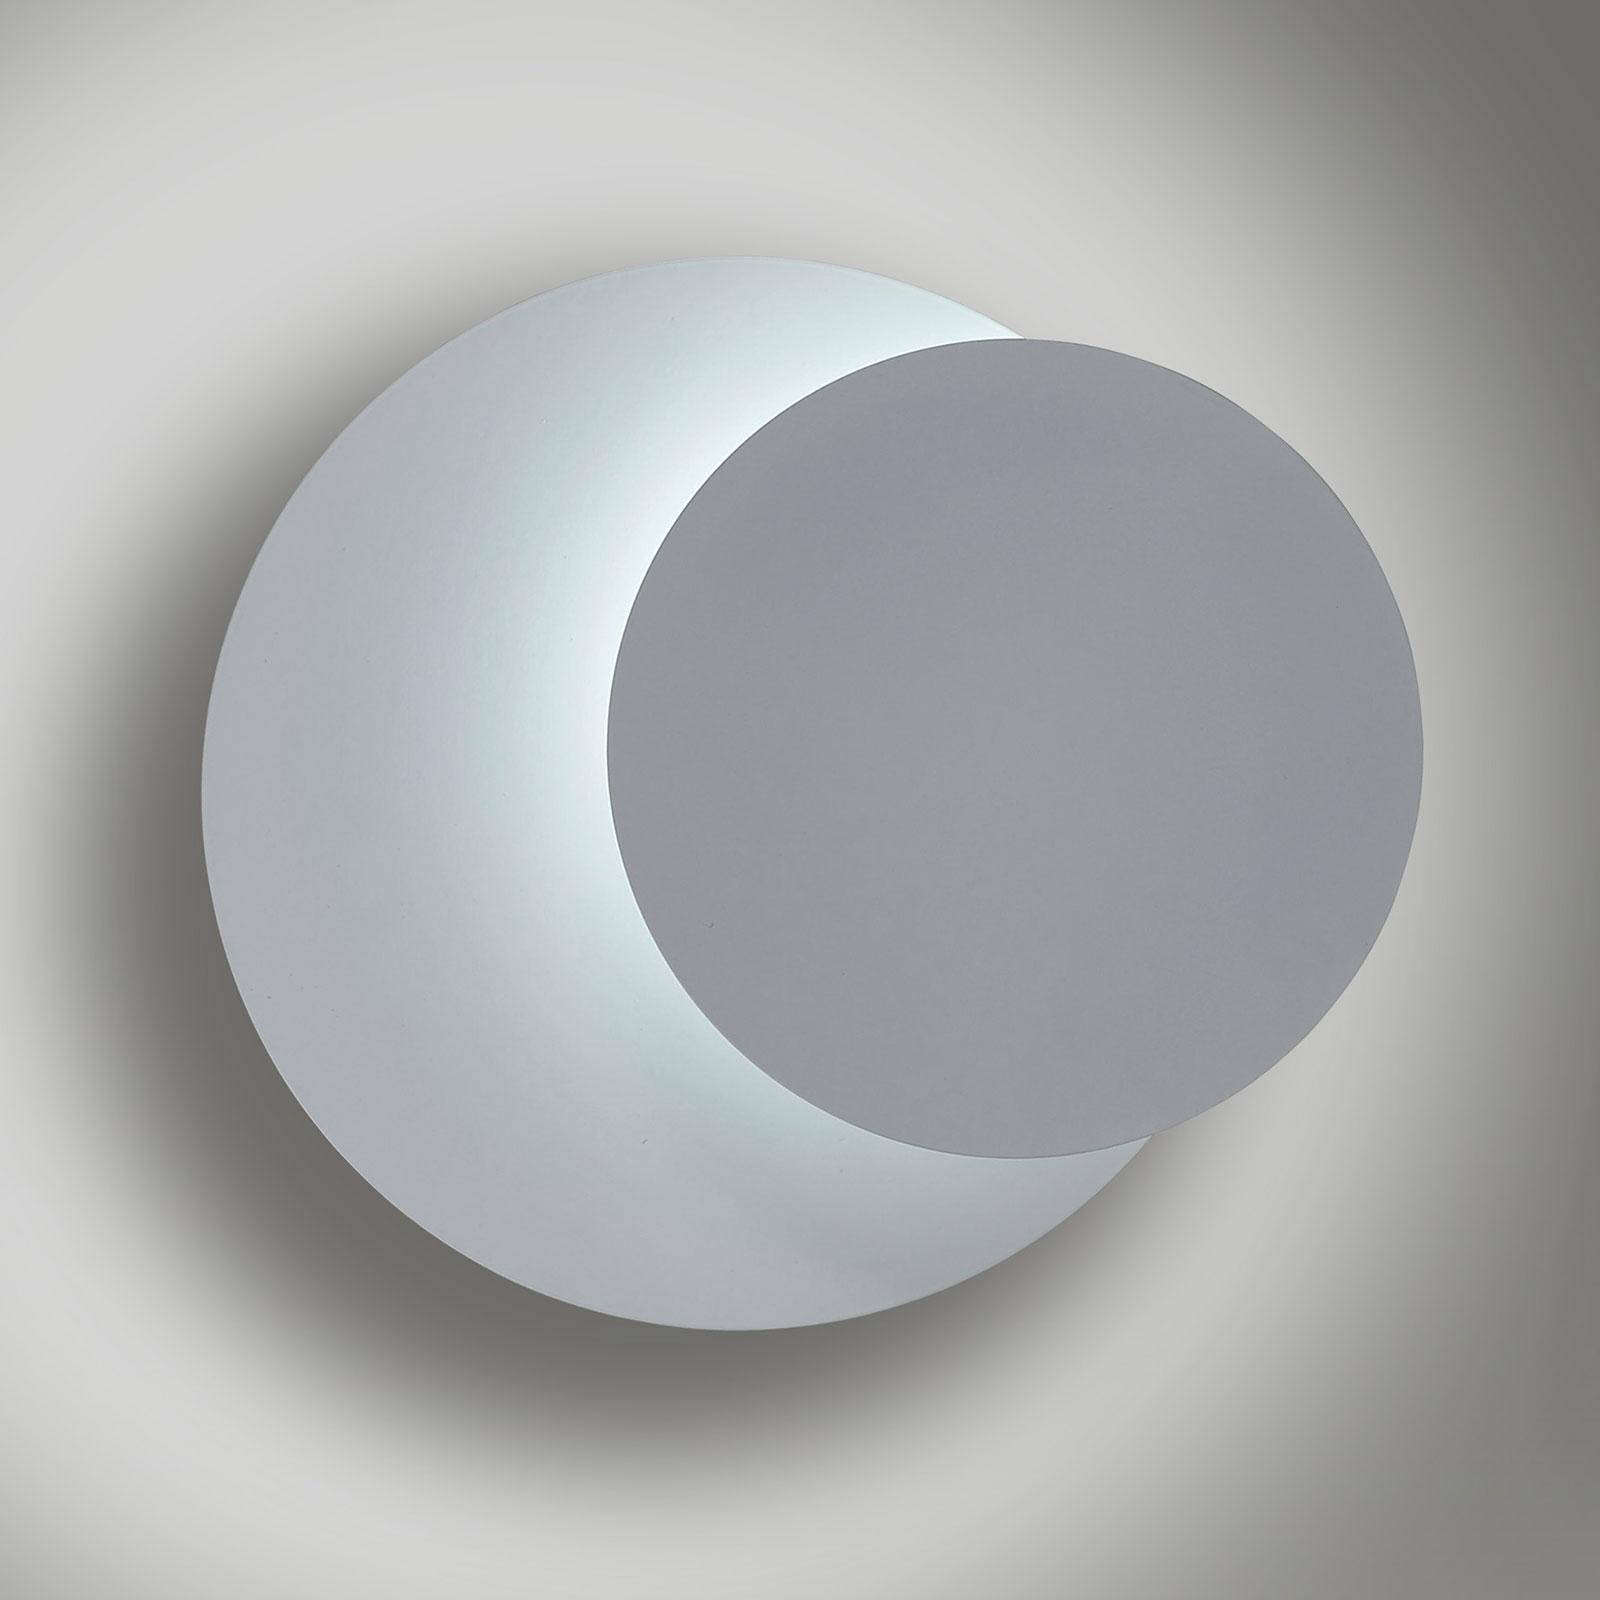 Wandleuchte Circle in runder Form, weiß